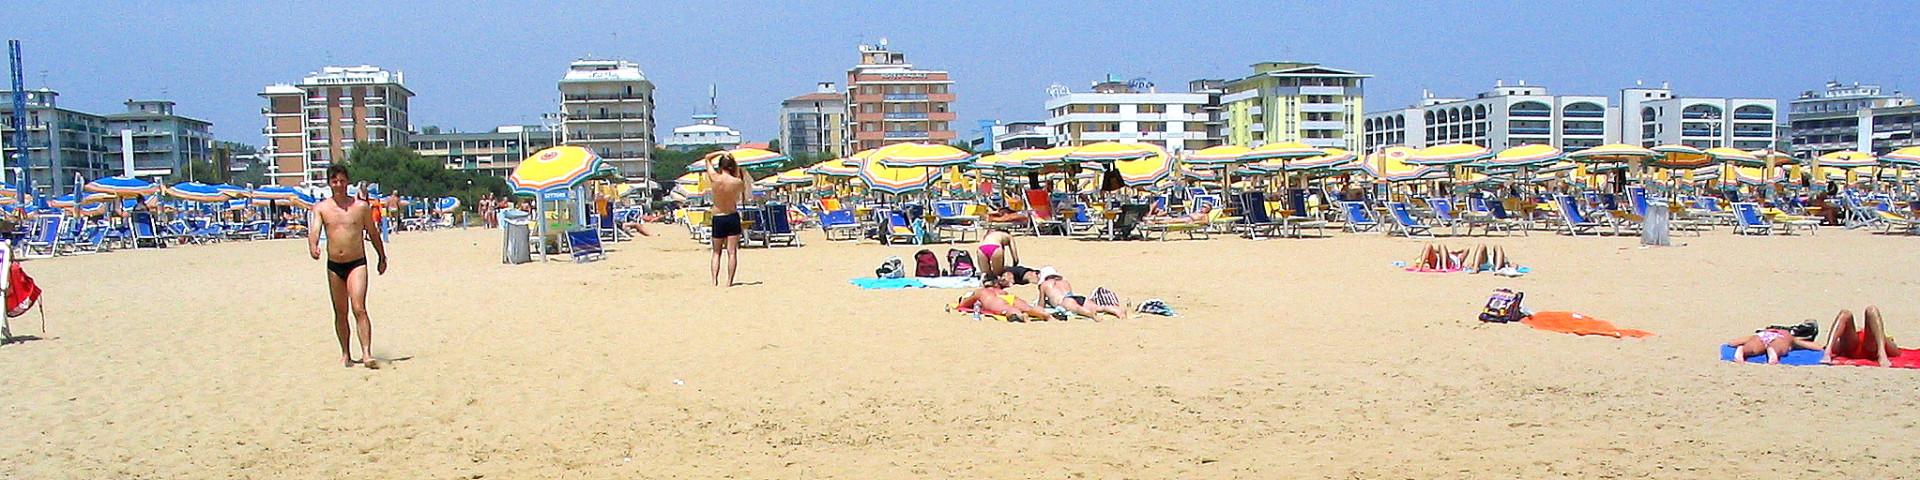 Bibione Spiaggia, pláže jsou tu velmi prostorné